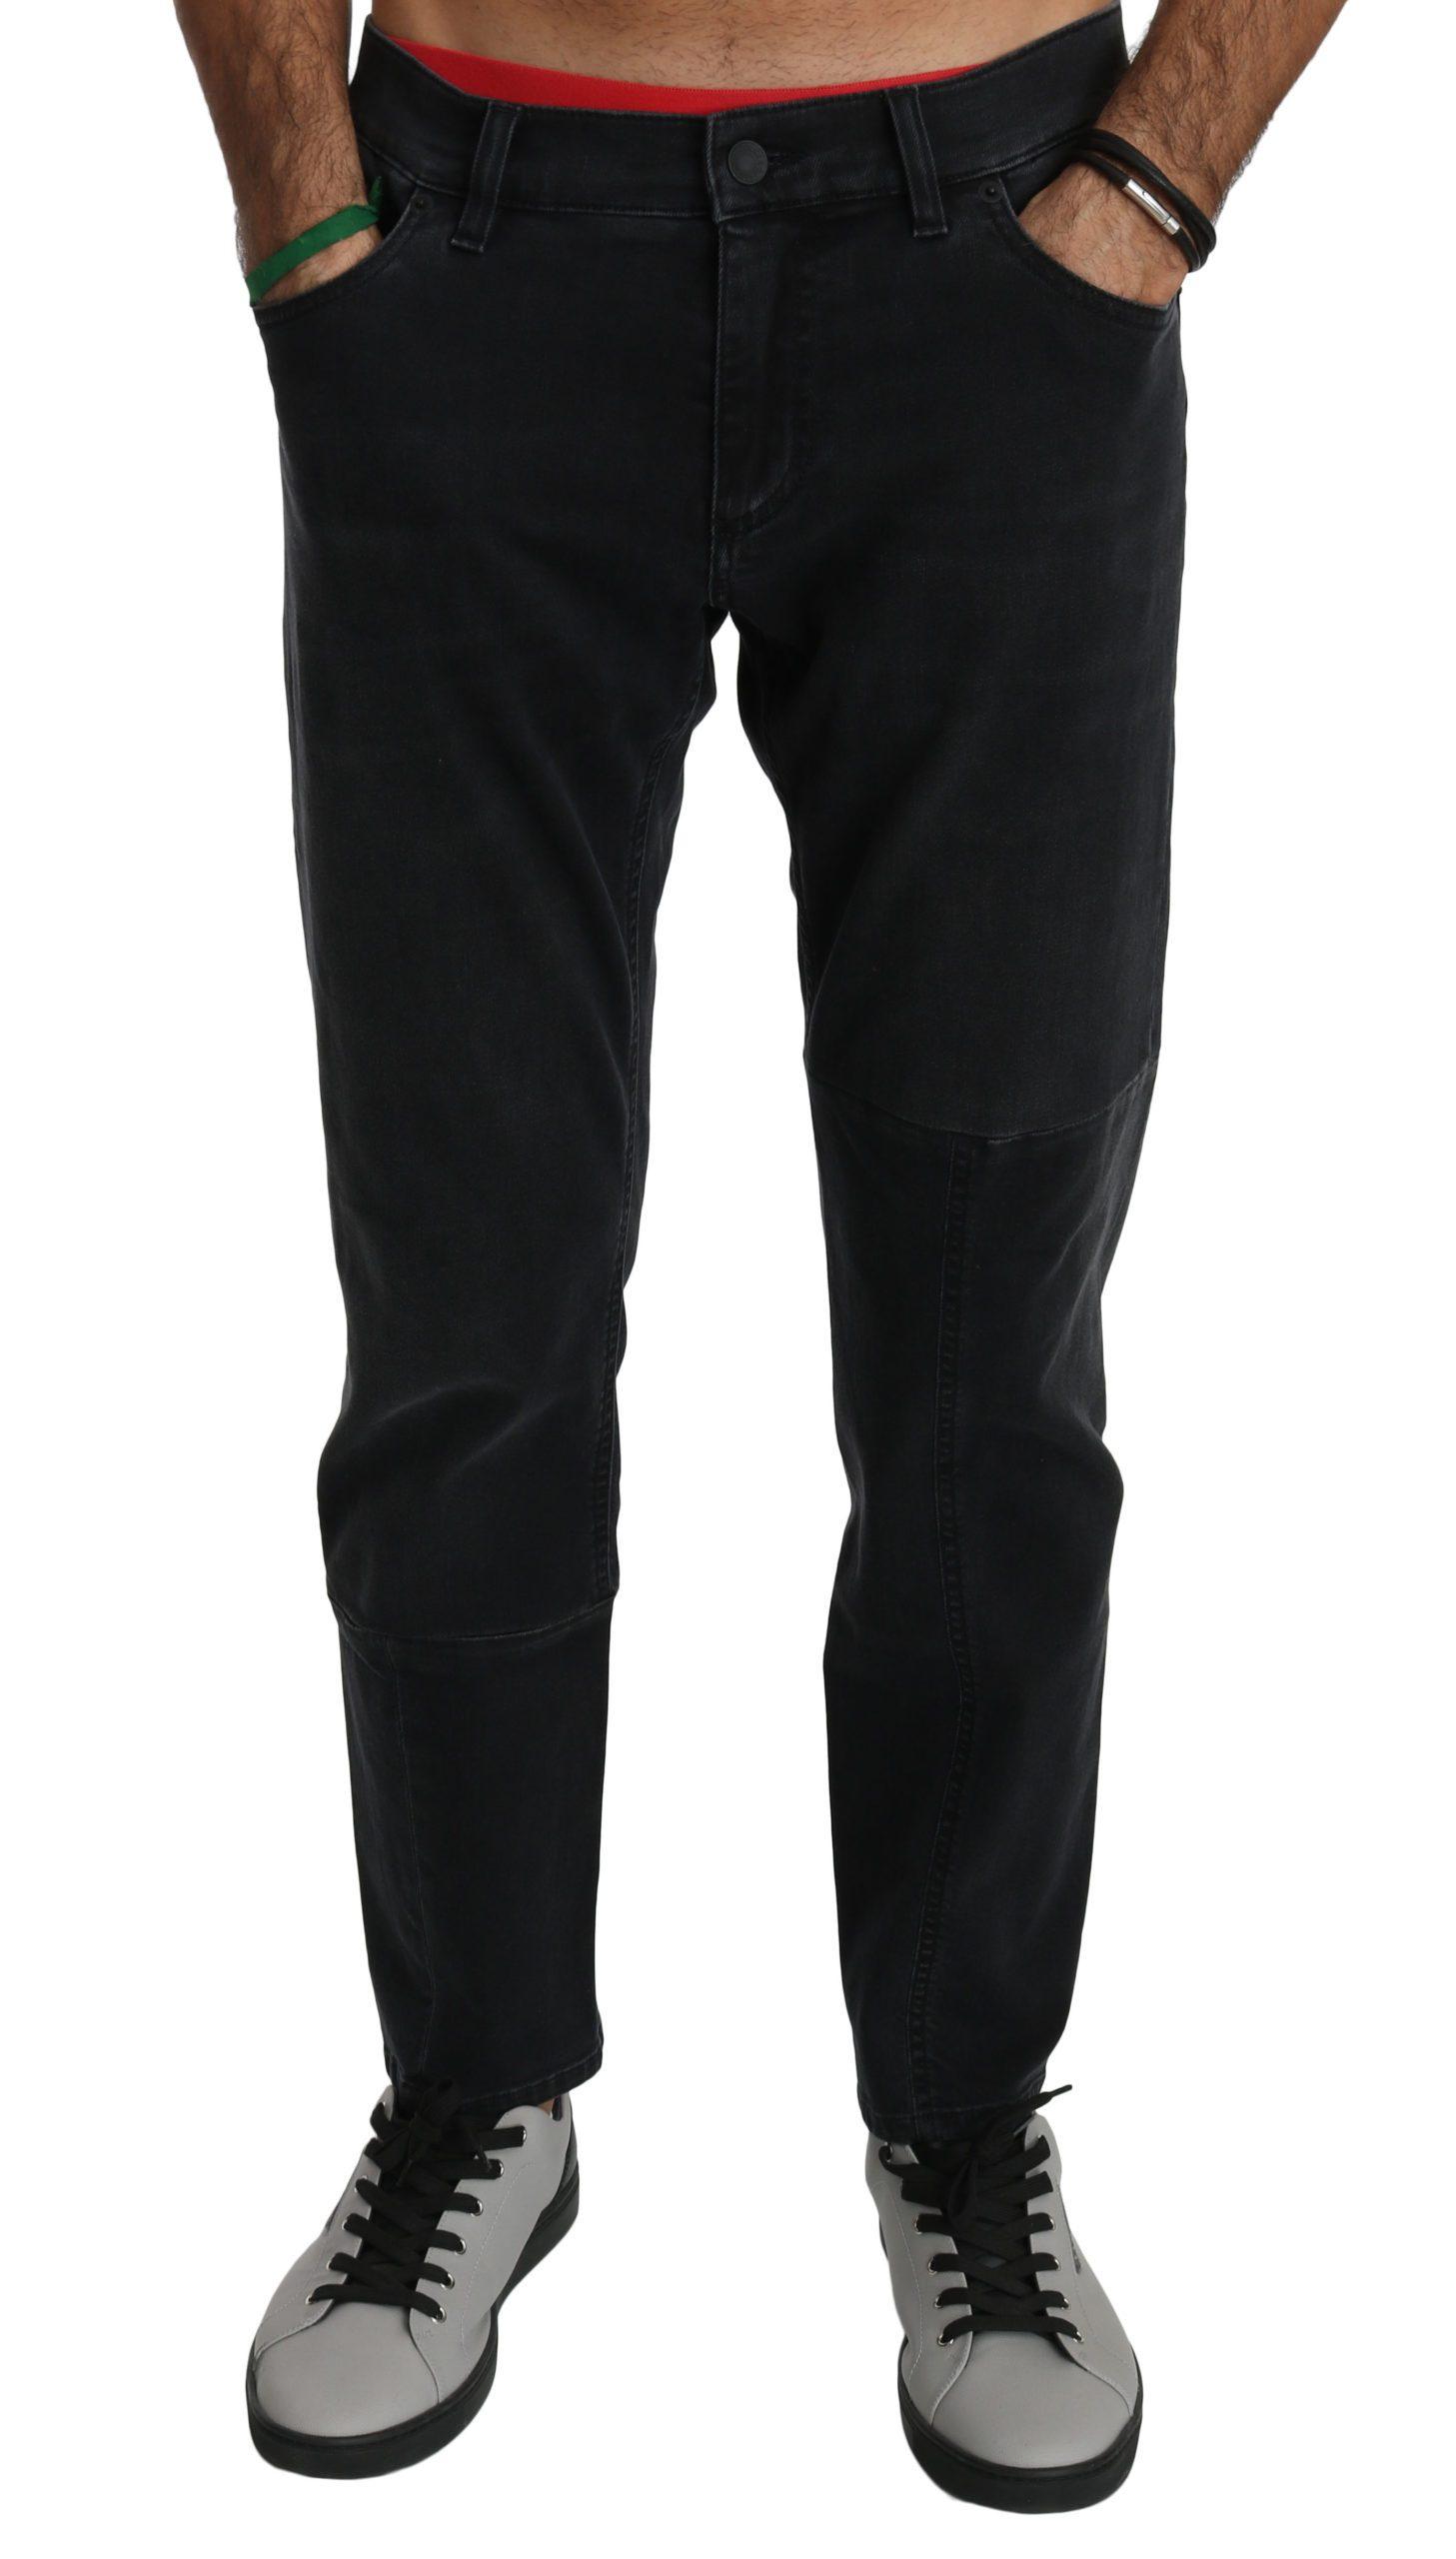 Dolce & Gabbana Men's Cotton Stretch Denim Jeans Black PAN70767 - IT50 | L